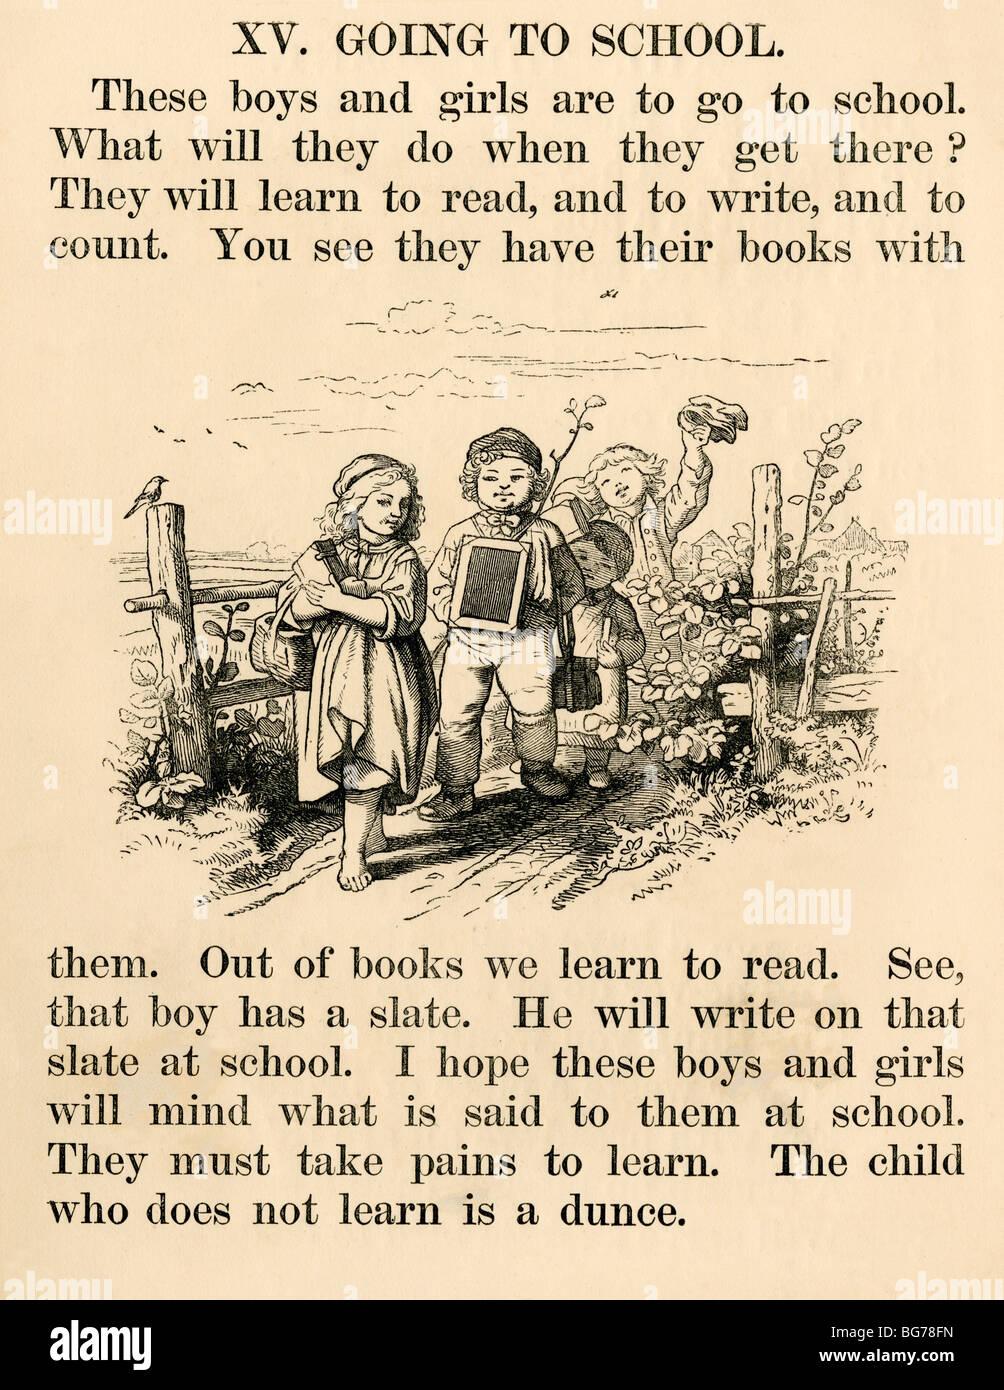 Buchillustration der Kinder auf ihrem Weg zur Schule, der 1870er Jahre Stockbild